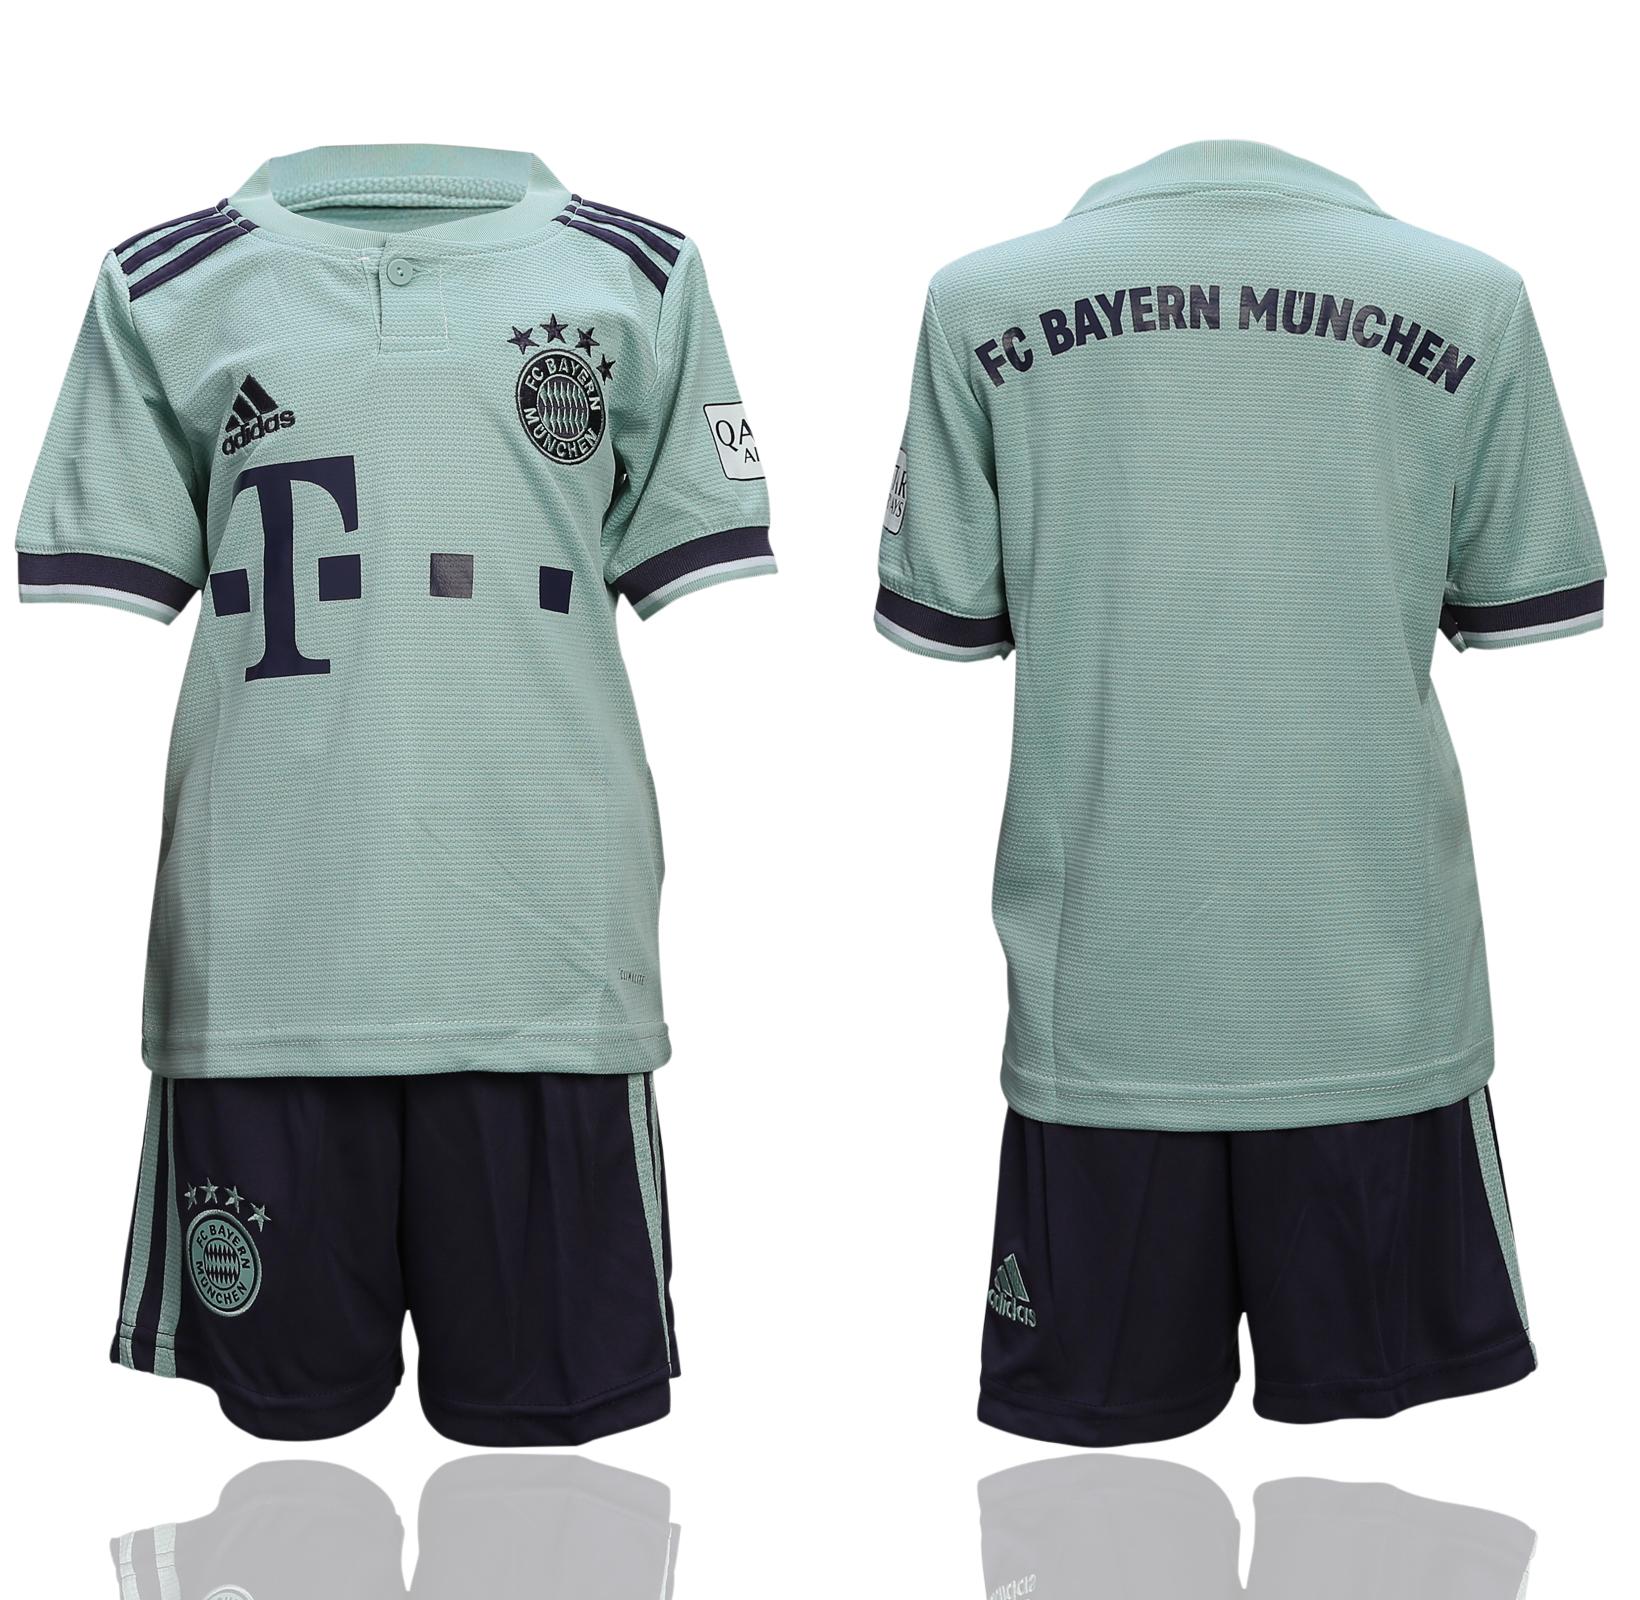 2018-19 Bayern Munich Away Youth Soccer Jersey